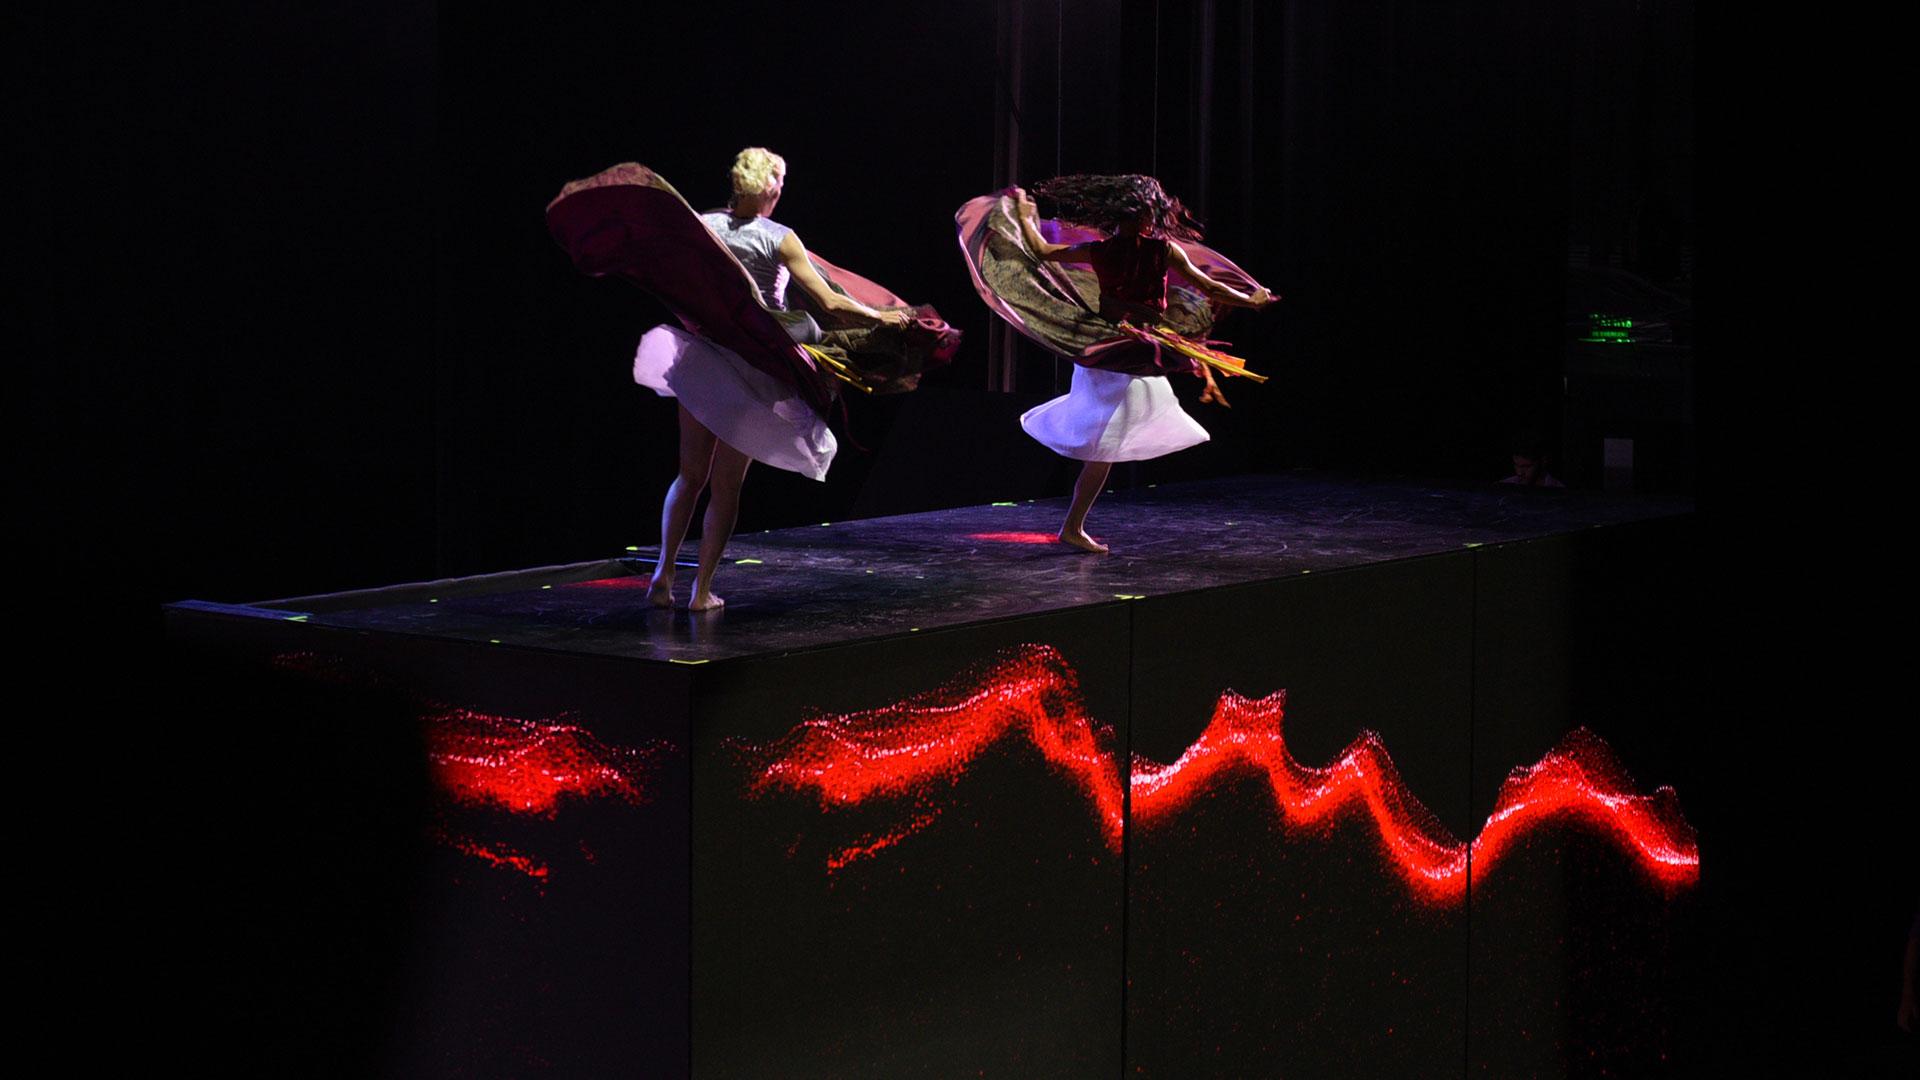 El show en el Teatro Colón